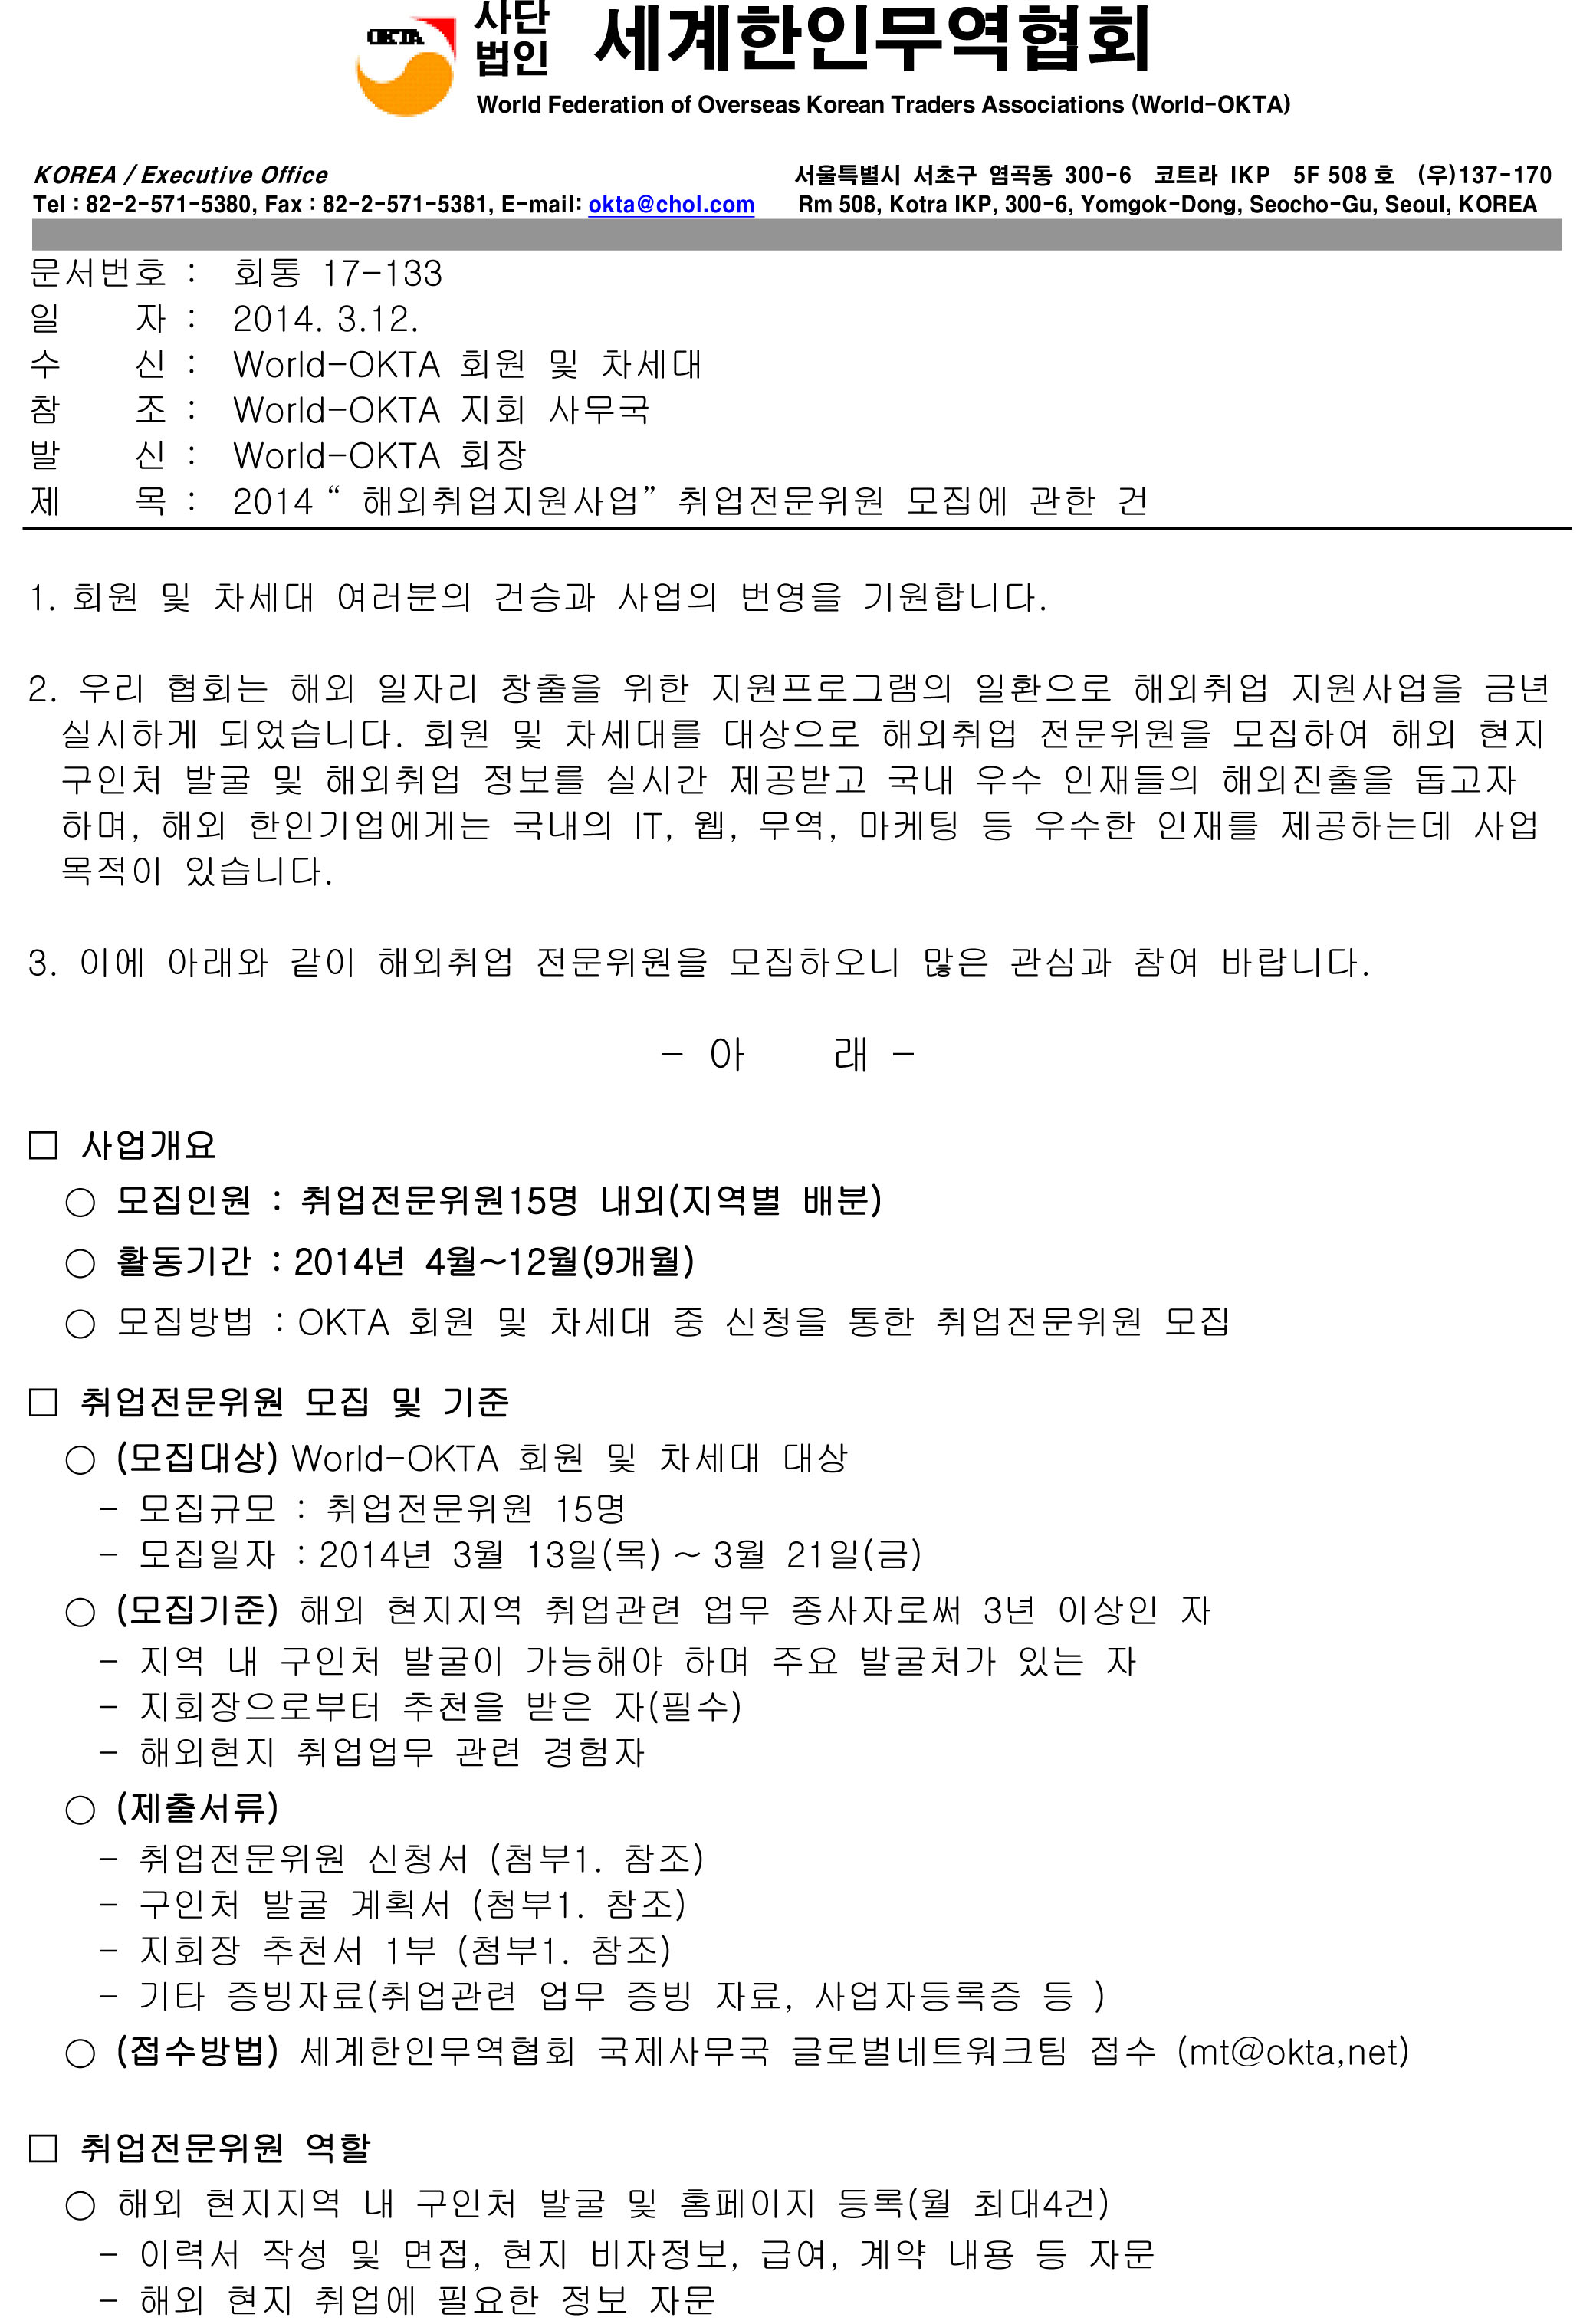 17-133_2014 해외취업지원사업 취업전문위원 모집에 관한 건-1.jpg